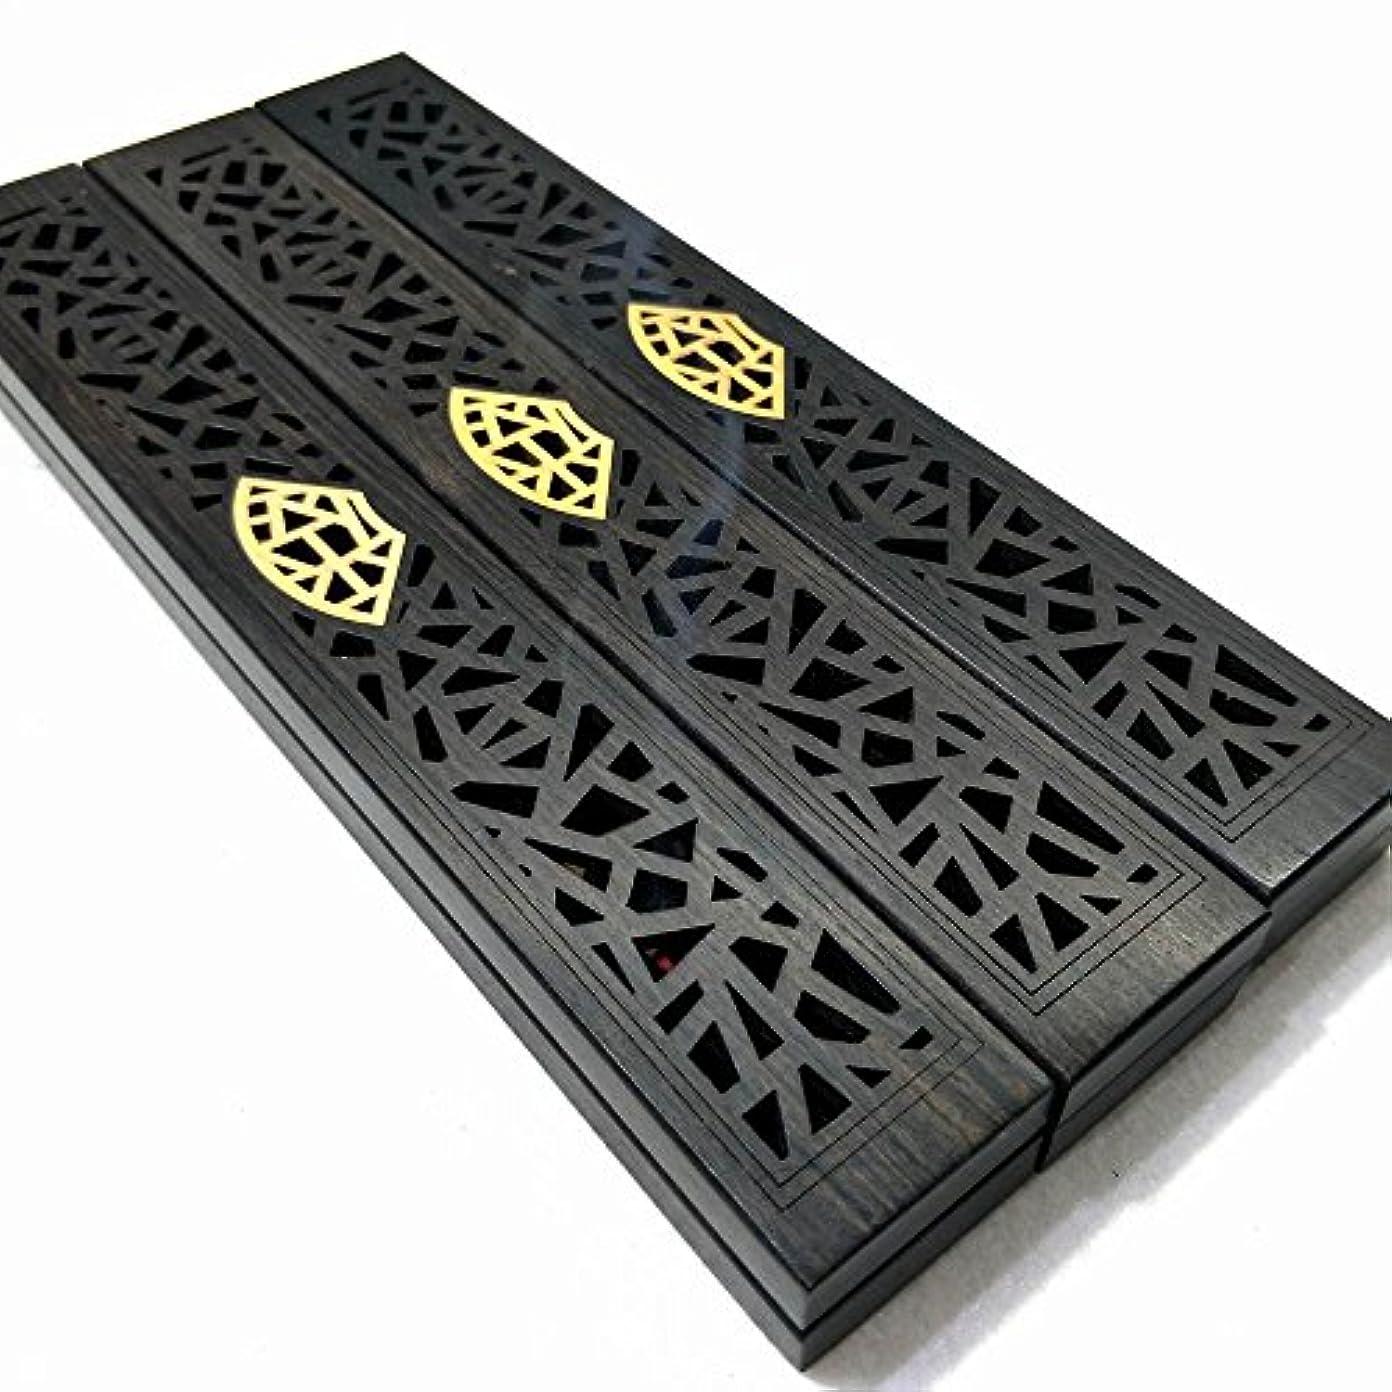 誇張現代の長方形黒檀はめ柘植線香合、ホームの茶道を炉 (せんす)